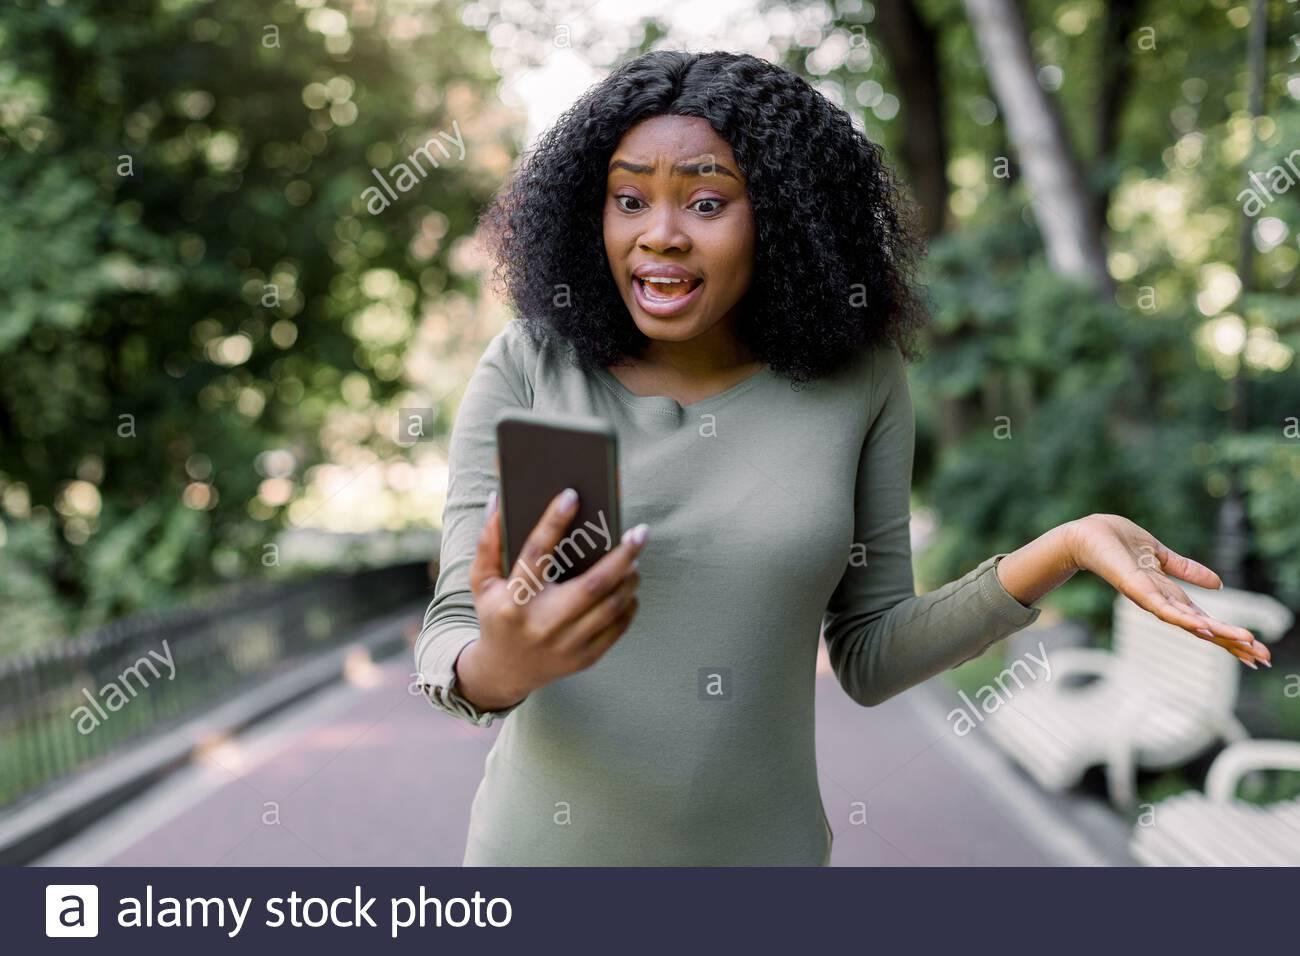 Retrato de una joven disidente sorprendido asustada mujer africana curly leyendo mensaje de texto en el teléfono móvil, mientras que caminar al aire libre en verano hermoso Foto de stock